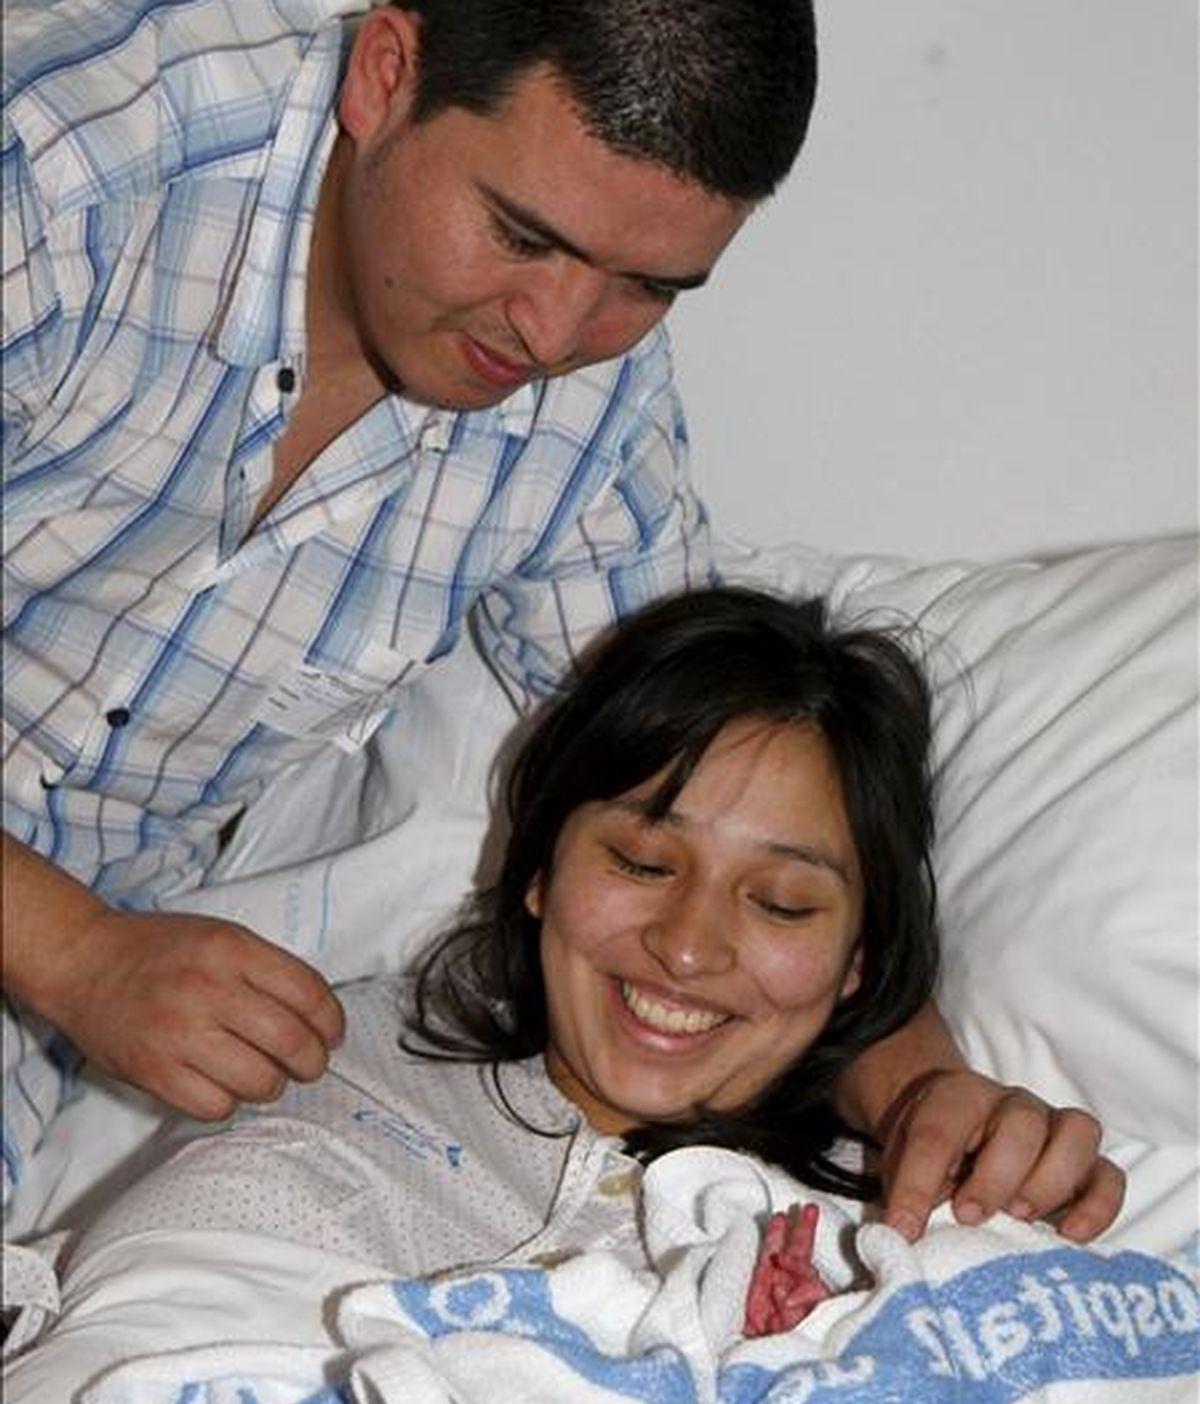 Una mujer de nacionalidad española y de origen colombiano de 24 años, junto a su pareja, observa a su pequeño Joel en una de las habitaciones del Hospital 12 de Octubre de Madrid, donde fueron trasladados ambos después de que la joven diera a luz esta madrugada en la vía pública, a la altura del número 115 de la calle General Ricardos. EFE